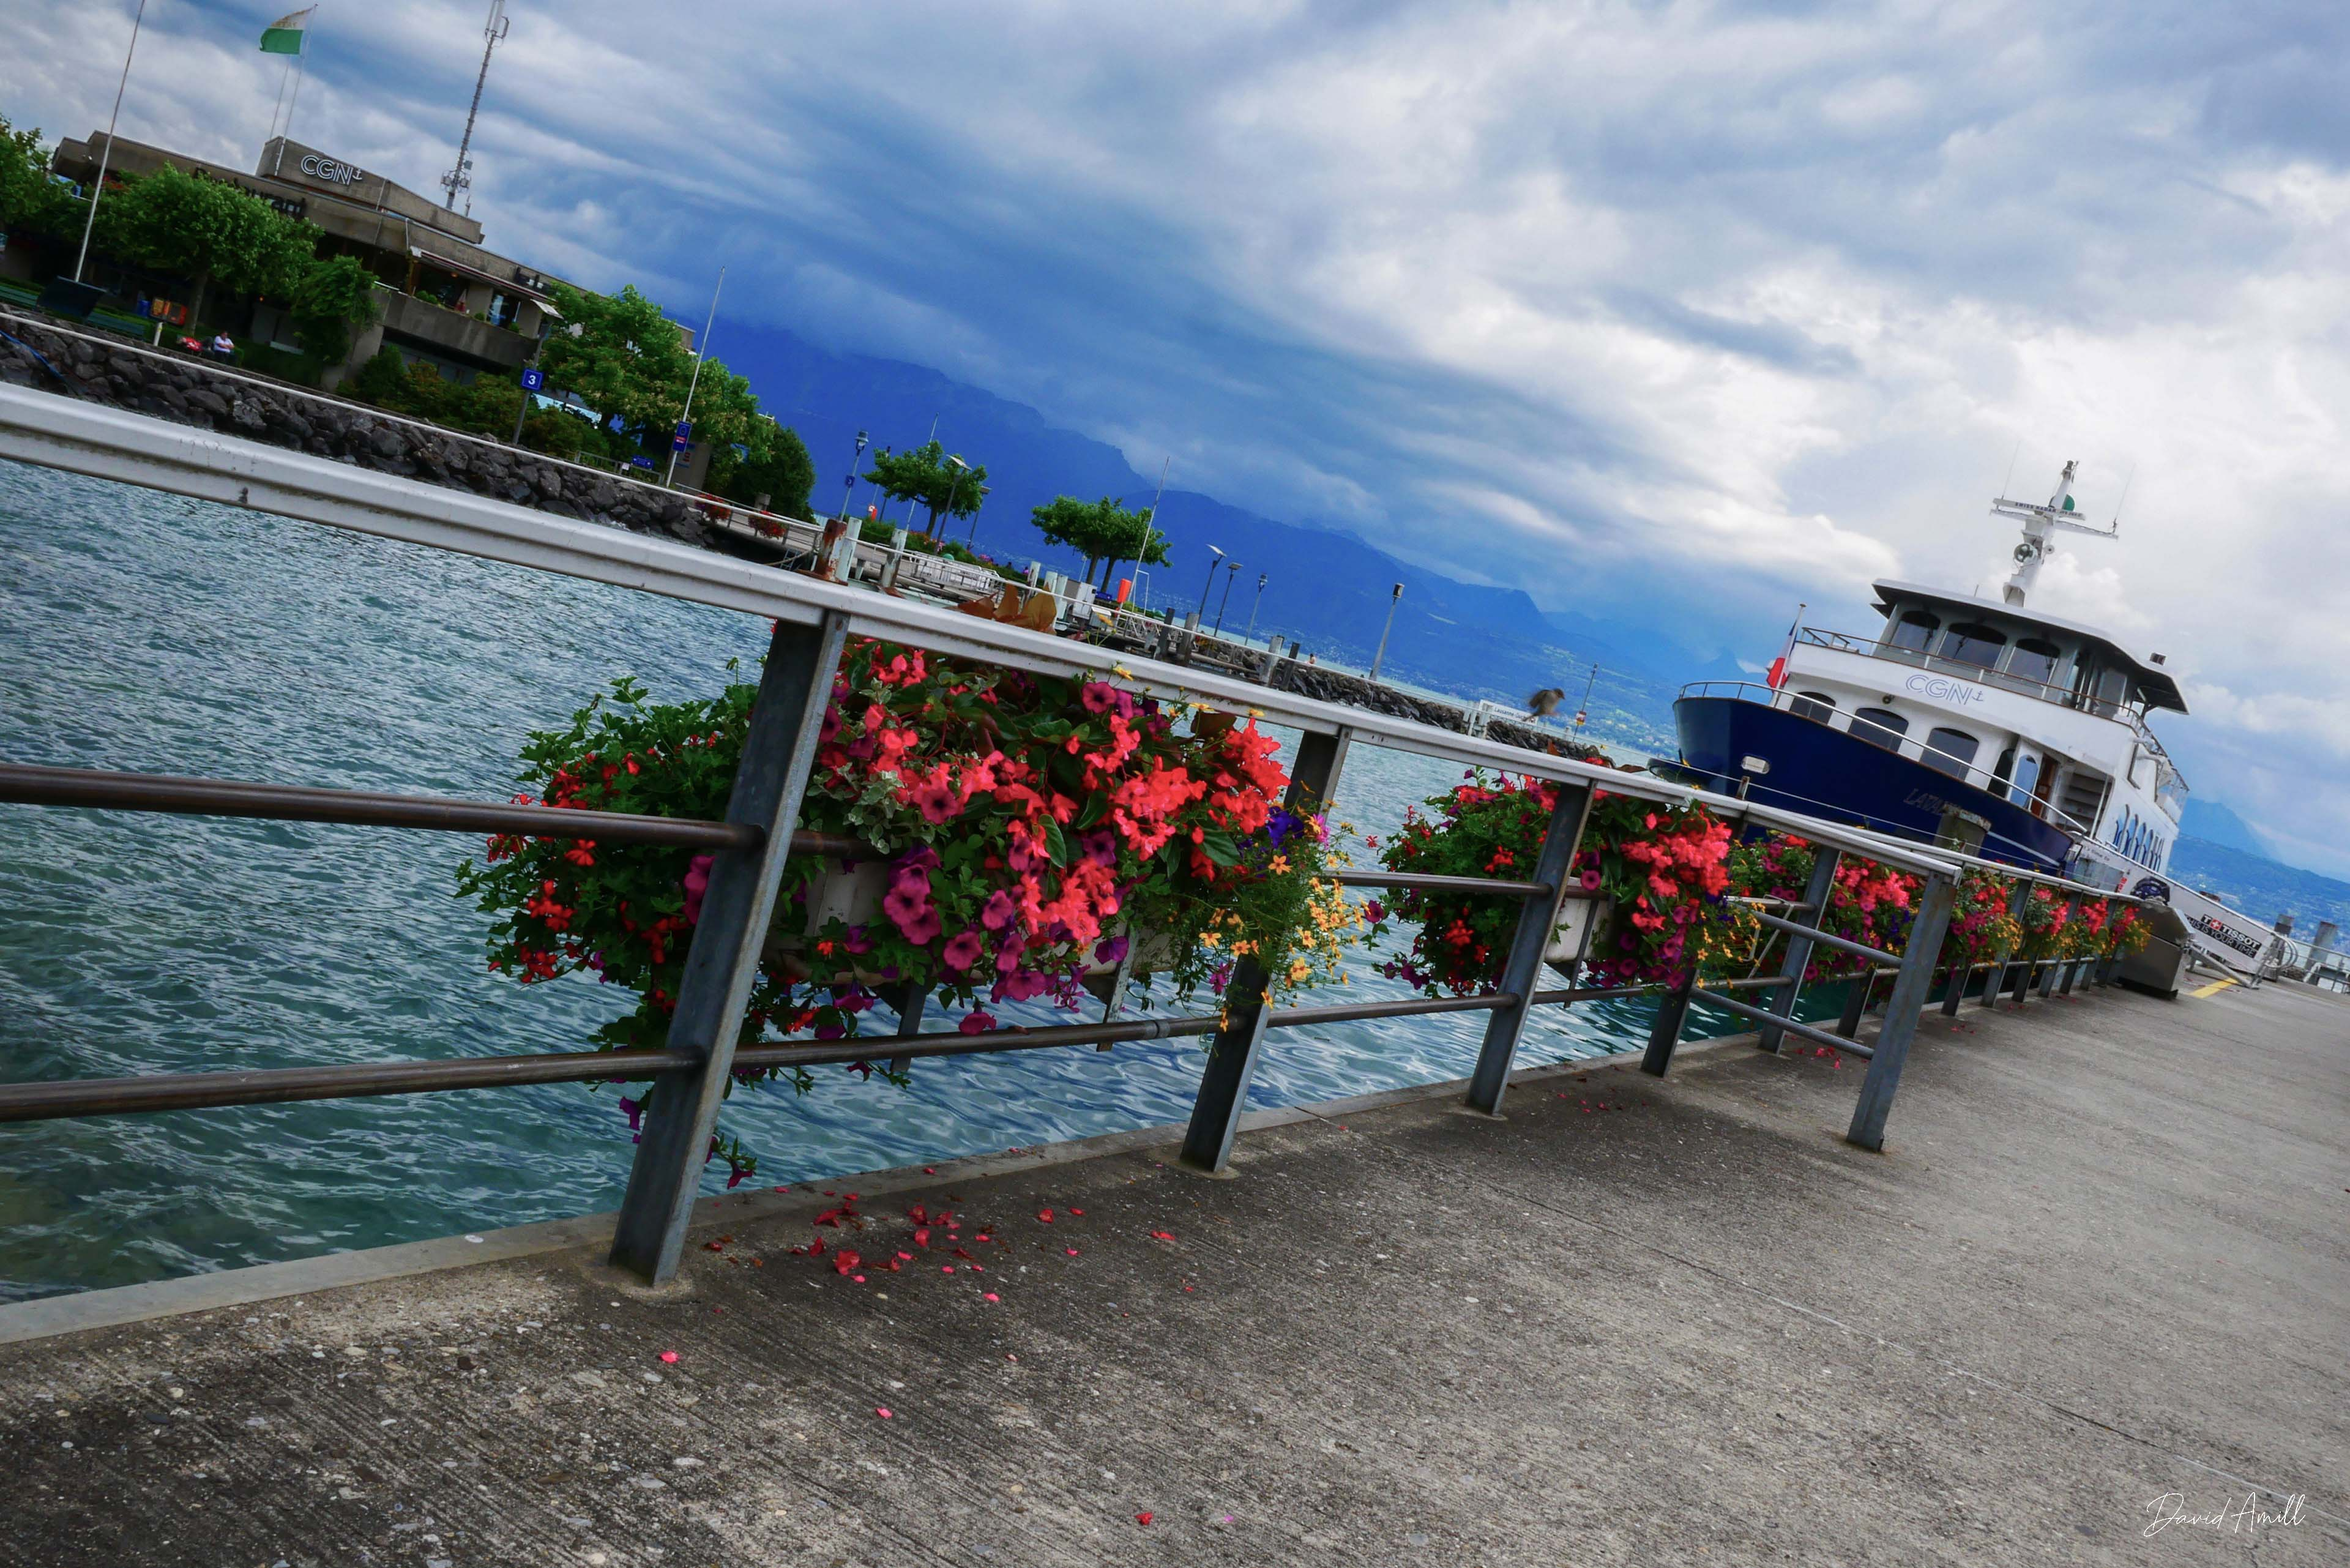 lausanne bateau lac leman fleur